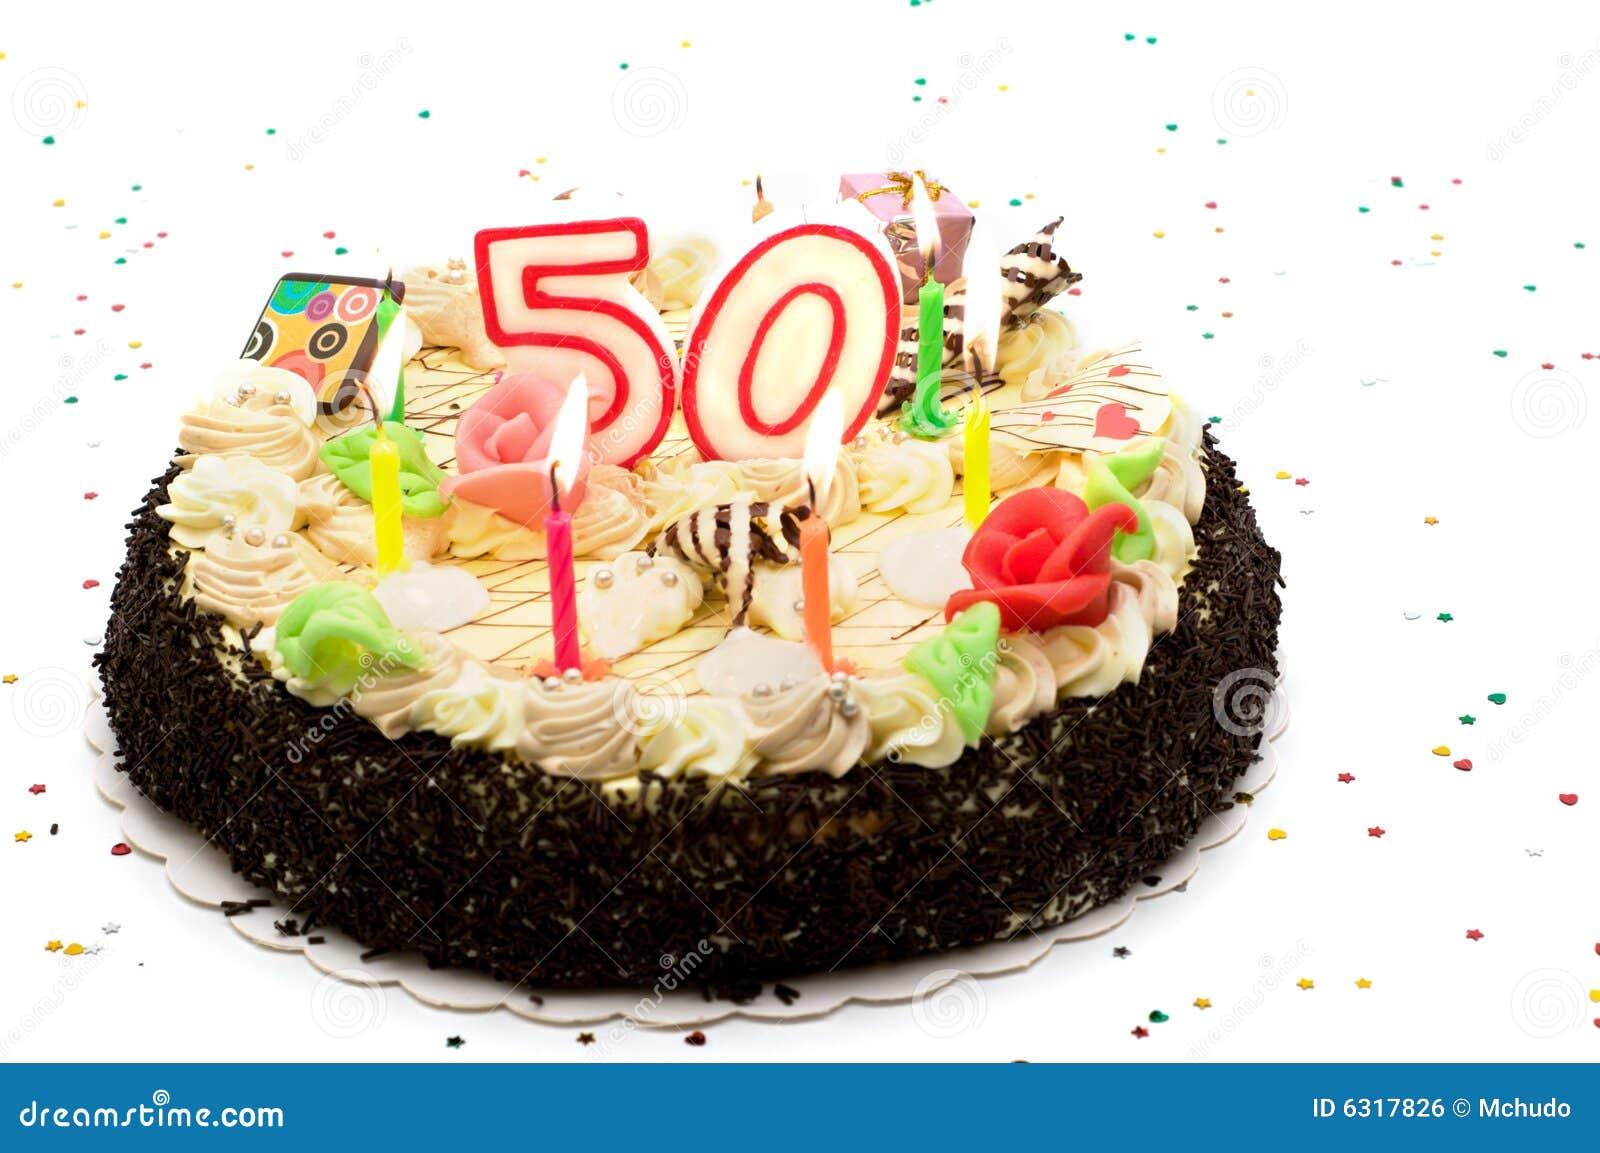 Bolo de aniversário por 50 anos de jubileu